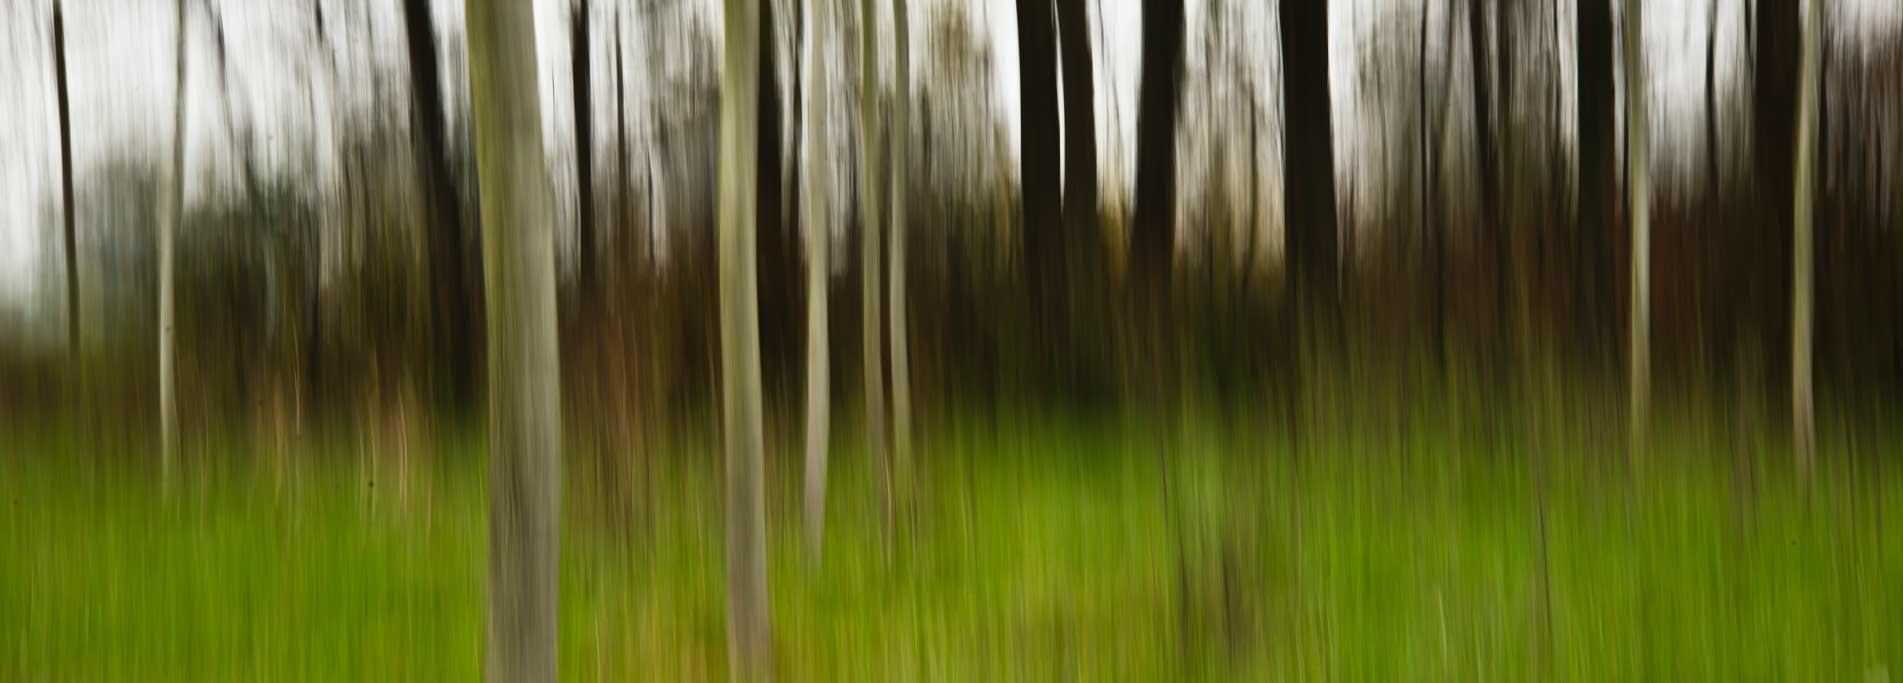 Escursione Fotografica. La Natura e gli alberi della Fagiana